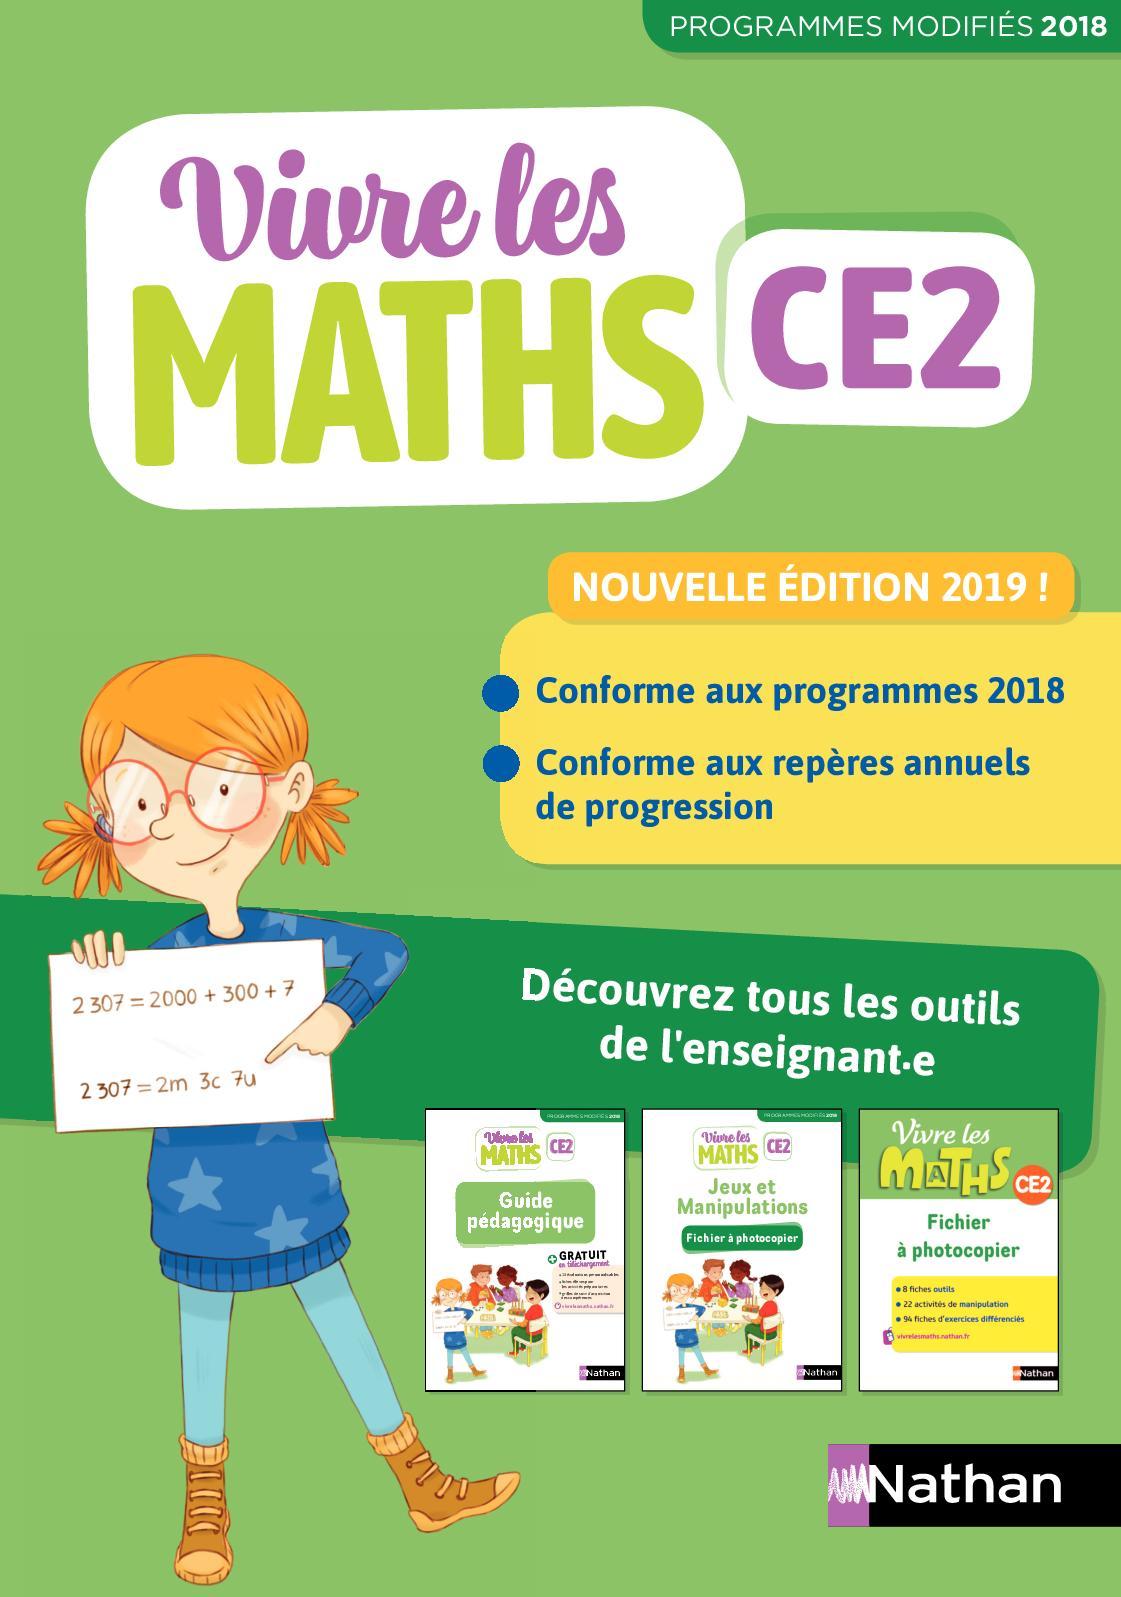 Vivre Les Maths Ce2 Site Compagnon : vivre, maths, compagnon, Calaméo, Extrait, Vivre, Maths